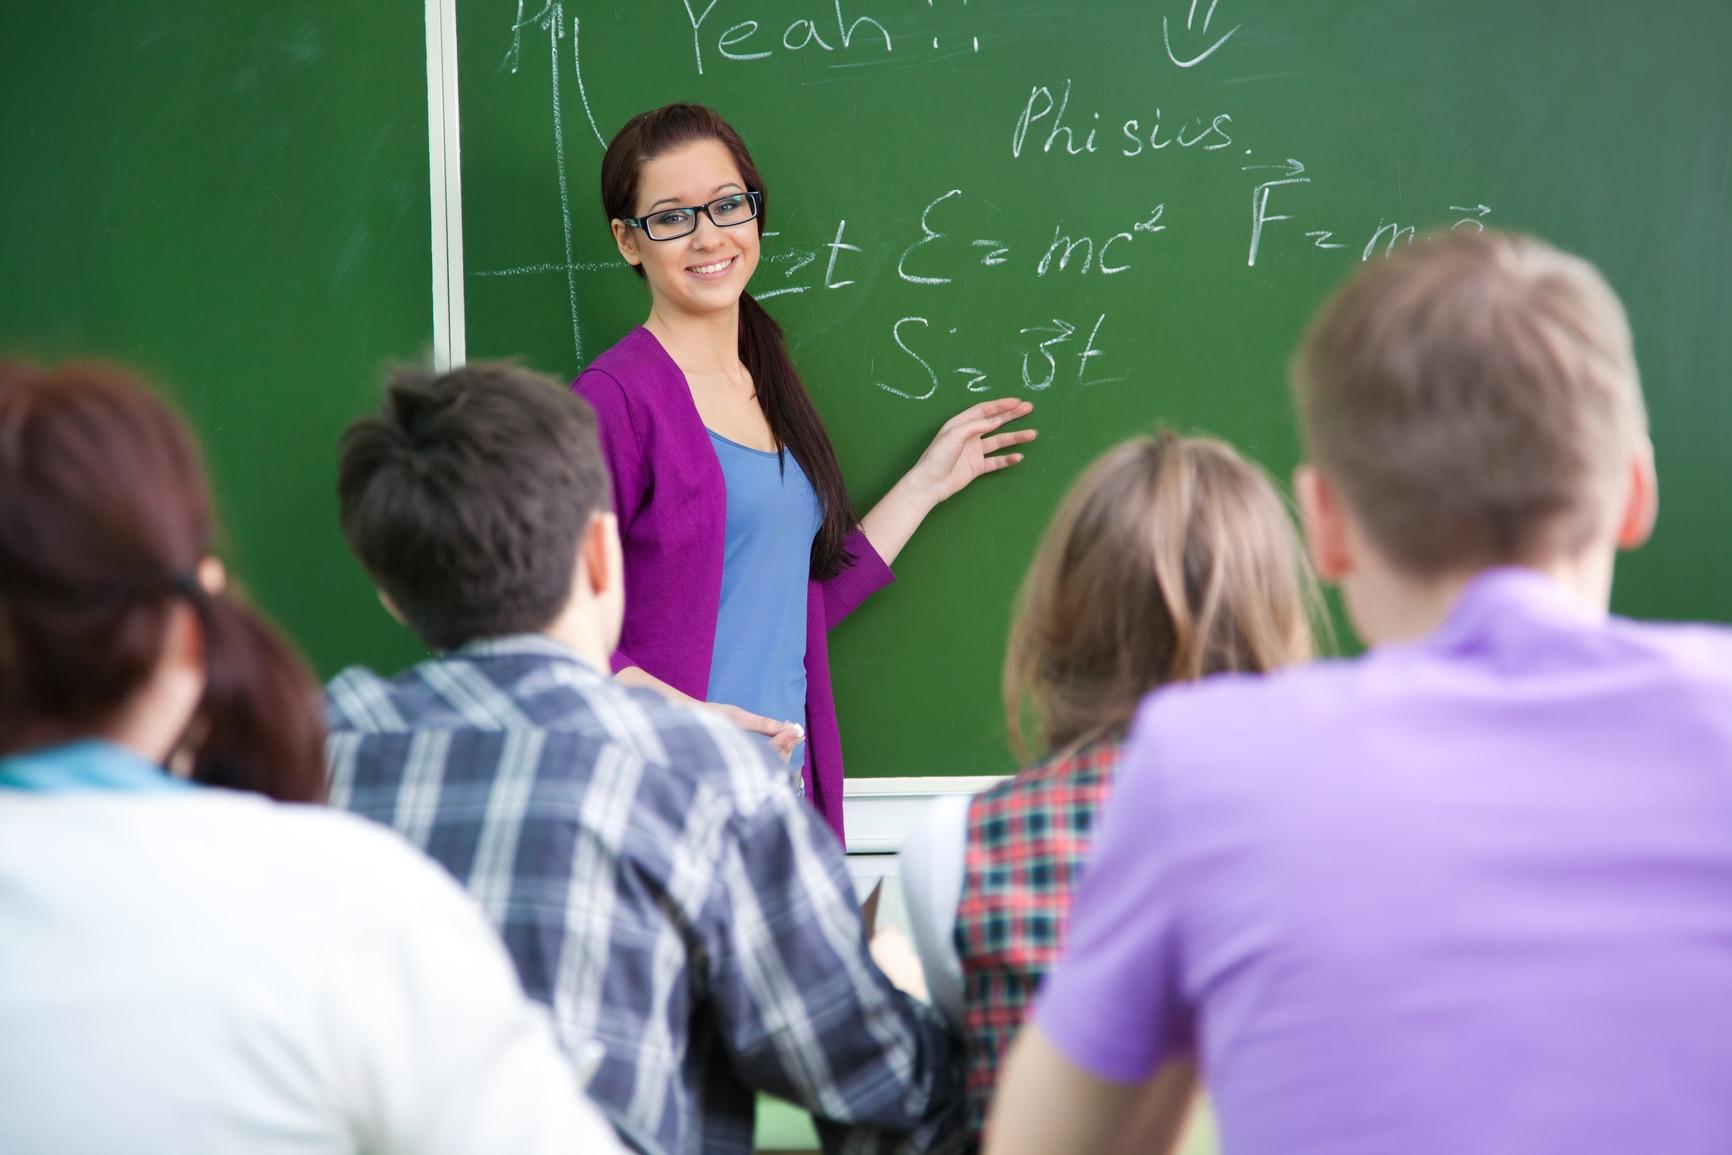 Il lavoratore ha le ore contate. Docente aggredita verbalmente e allontanata da scuola nel bel mezzo della lezione. Le era scaduto il Green pass